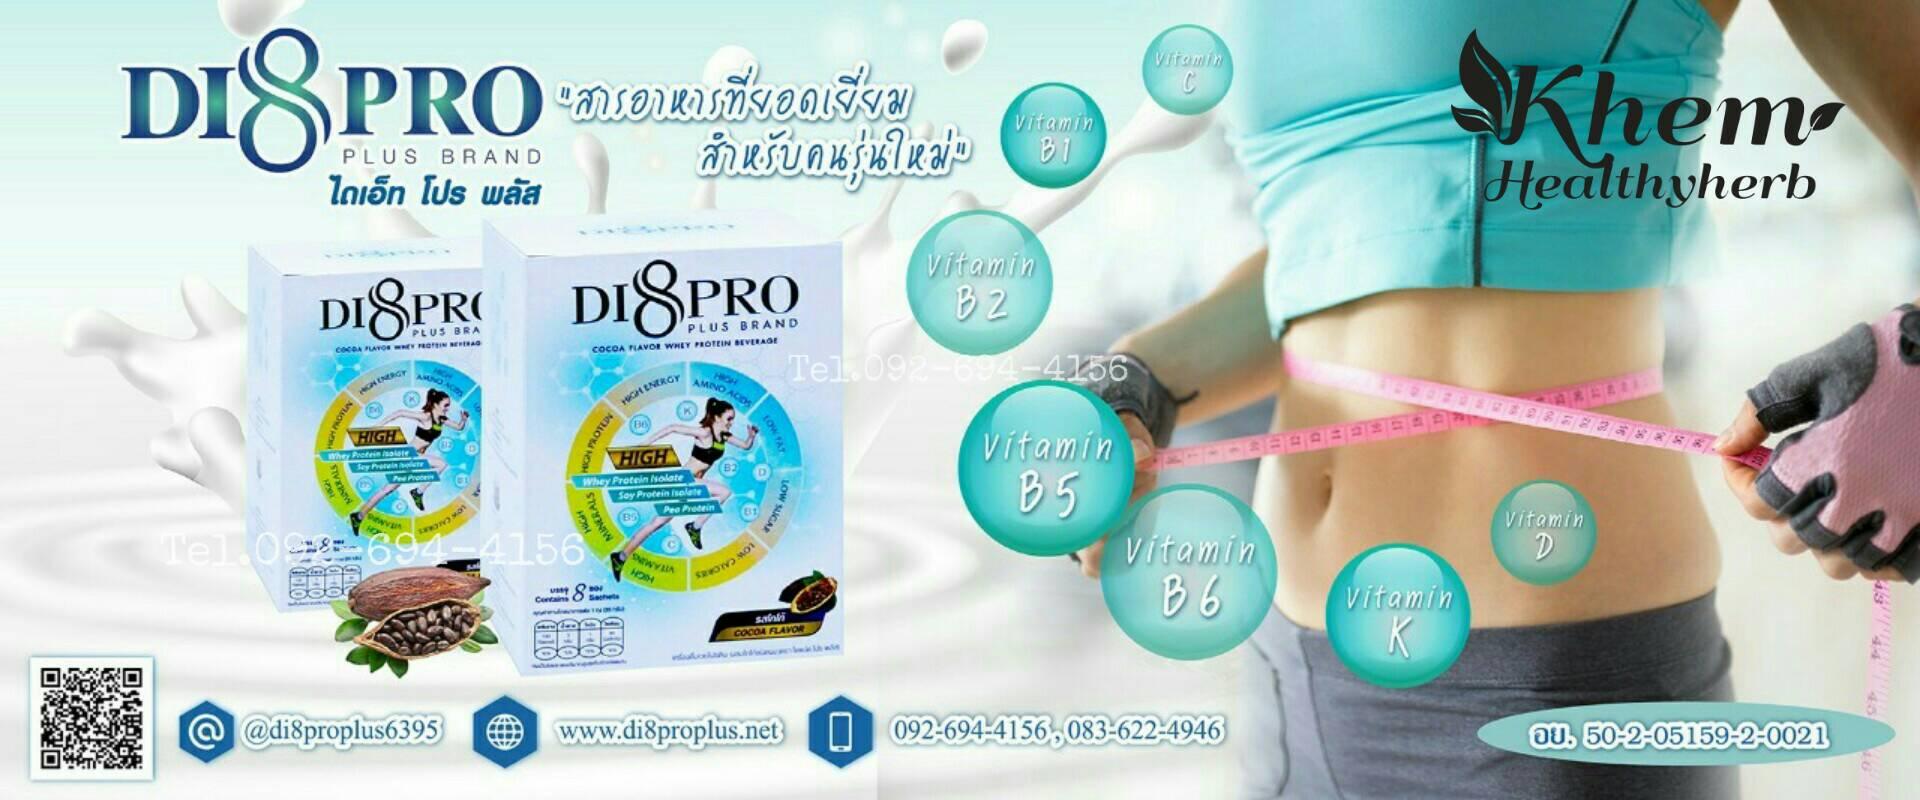 di8proplus เวย์โปรตีนทดแทนมื้ออาหาร